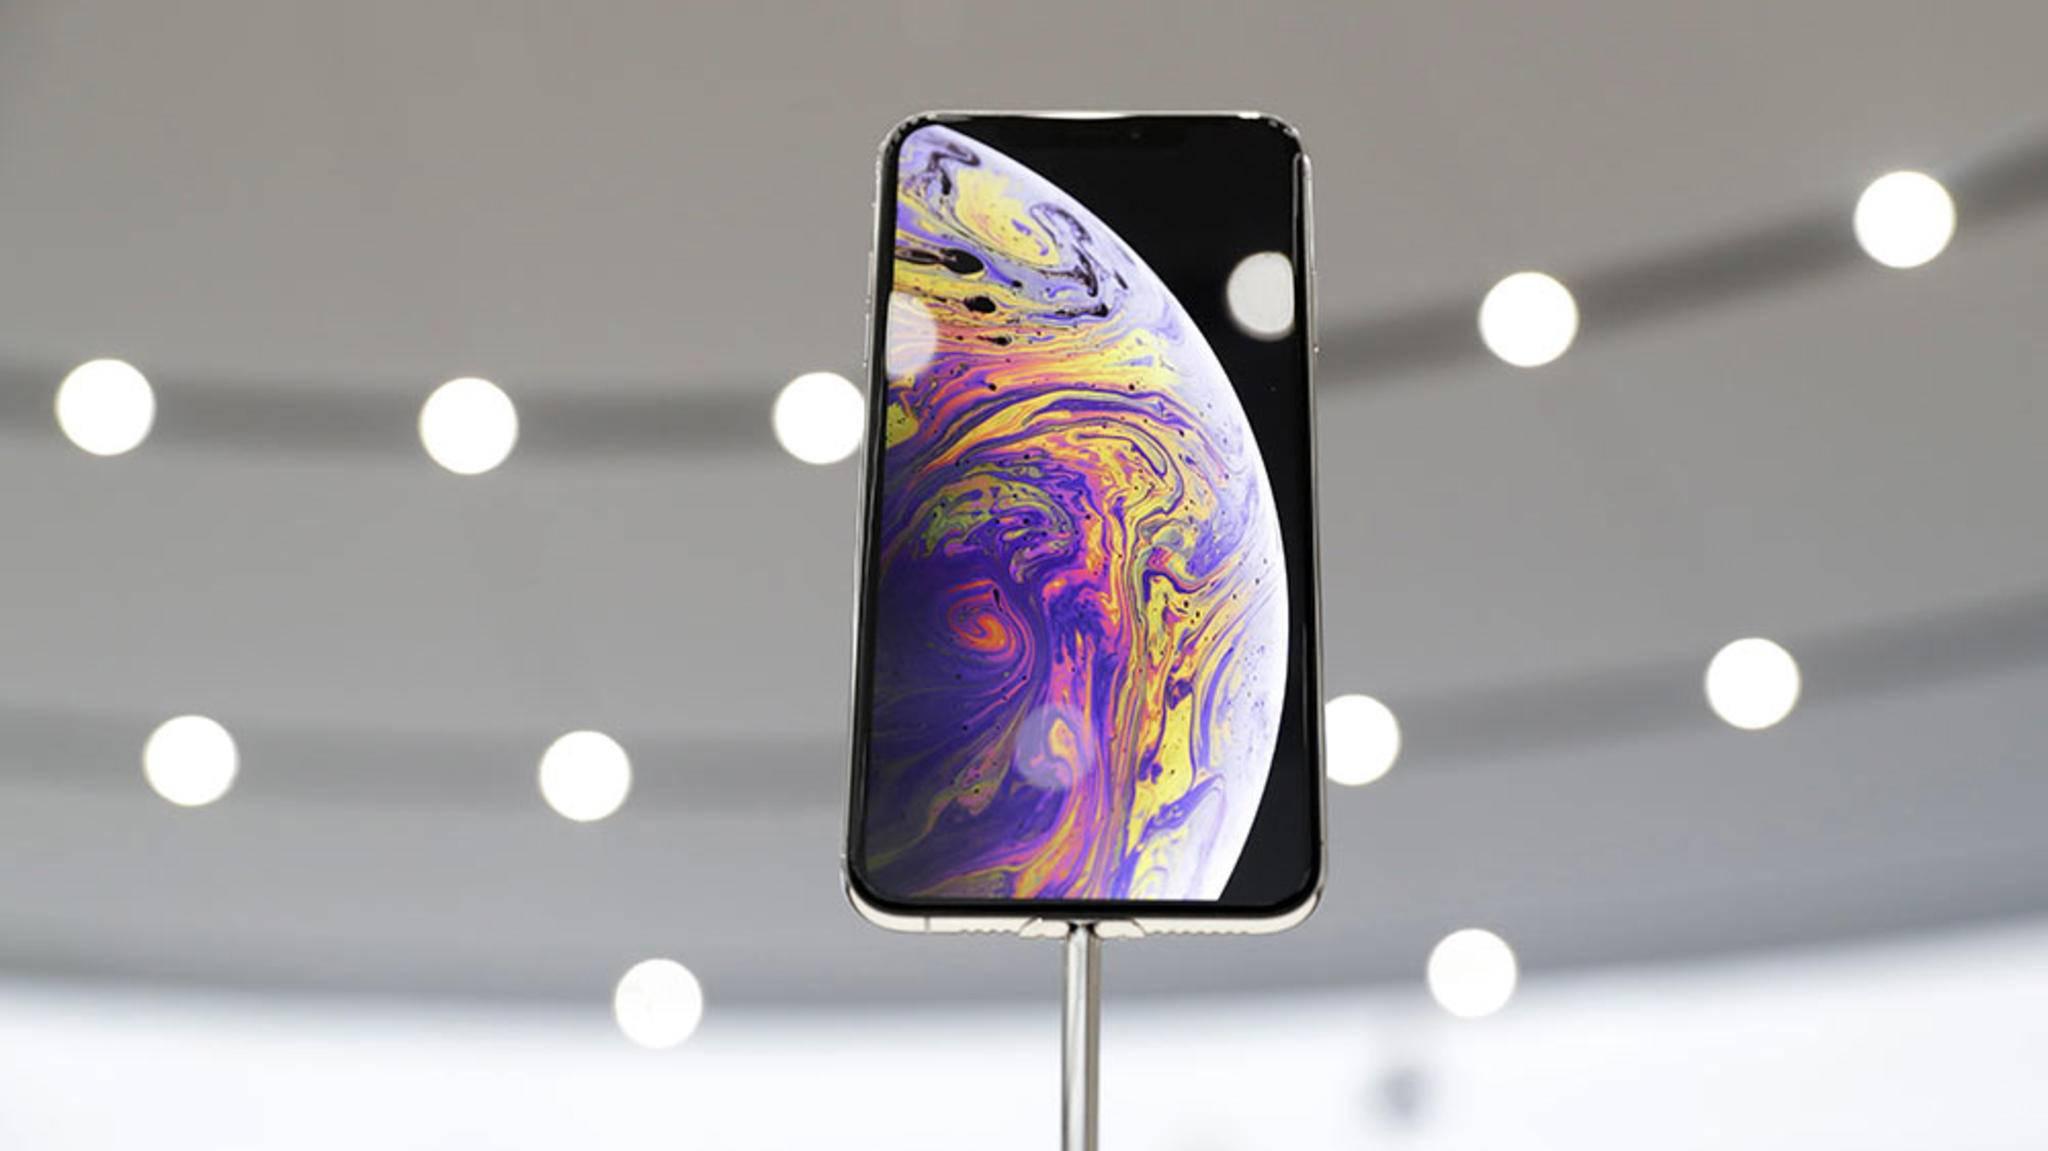 Der Akkutausch beim iPhone XS schlägt ab 2019 mit 69 Euro zu Buche.